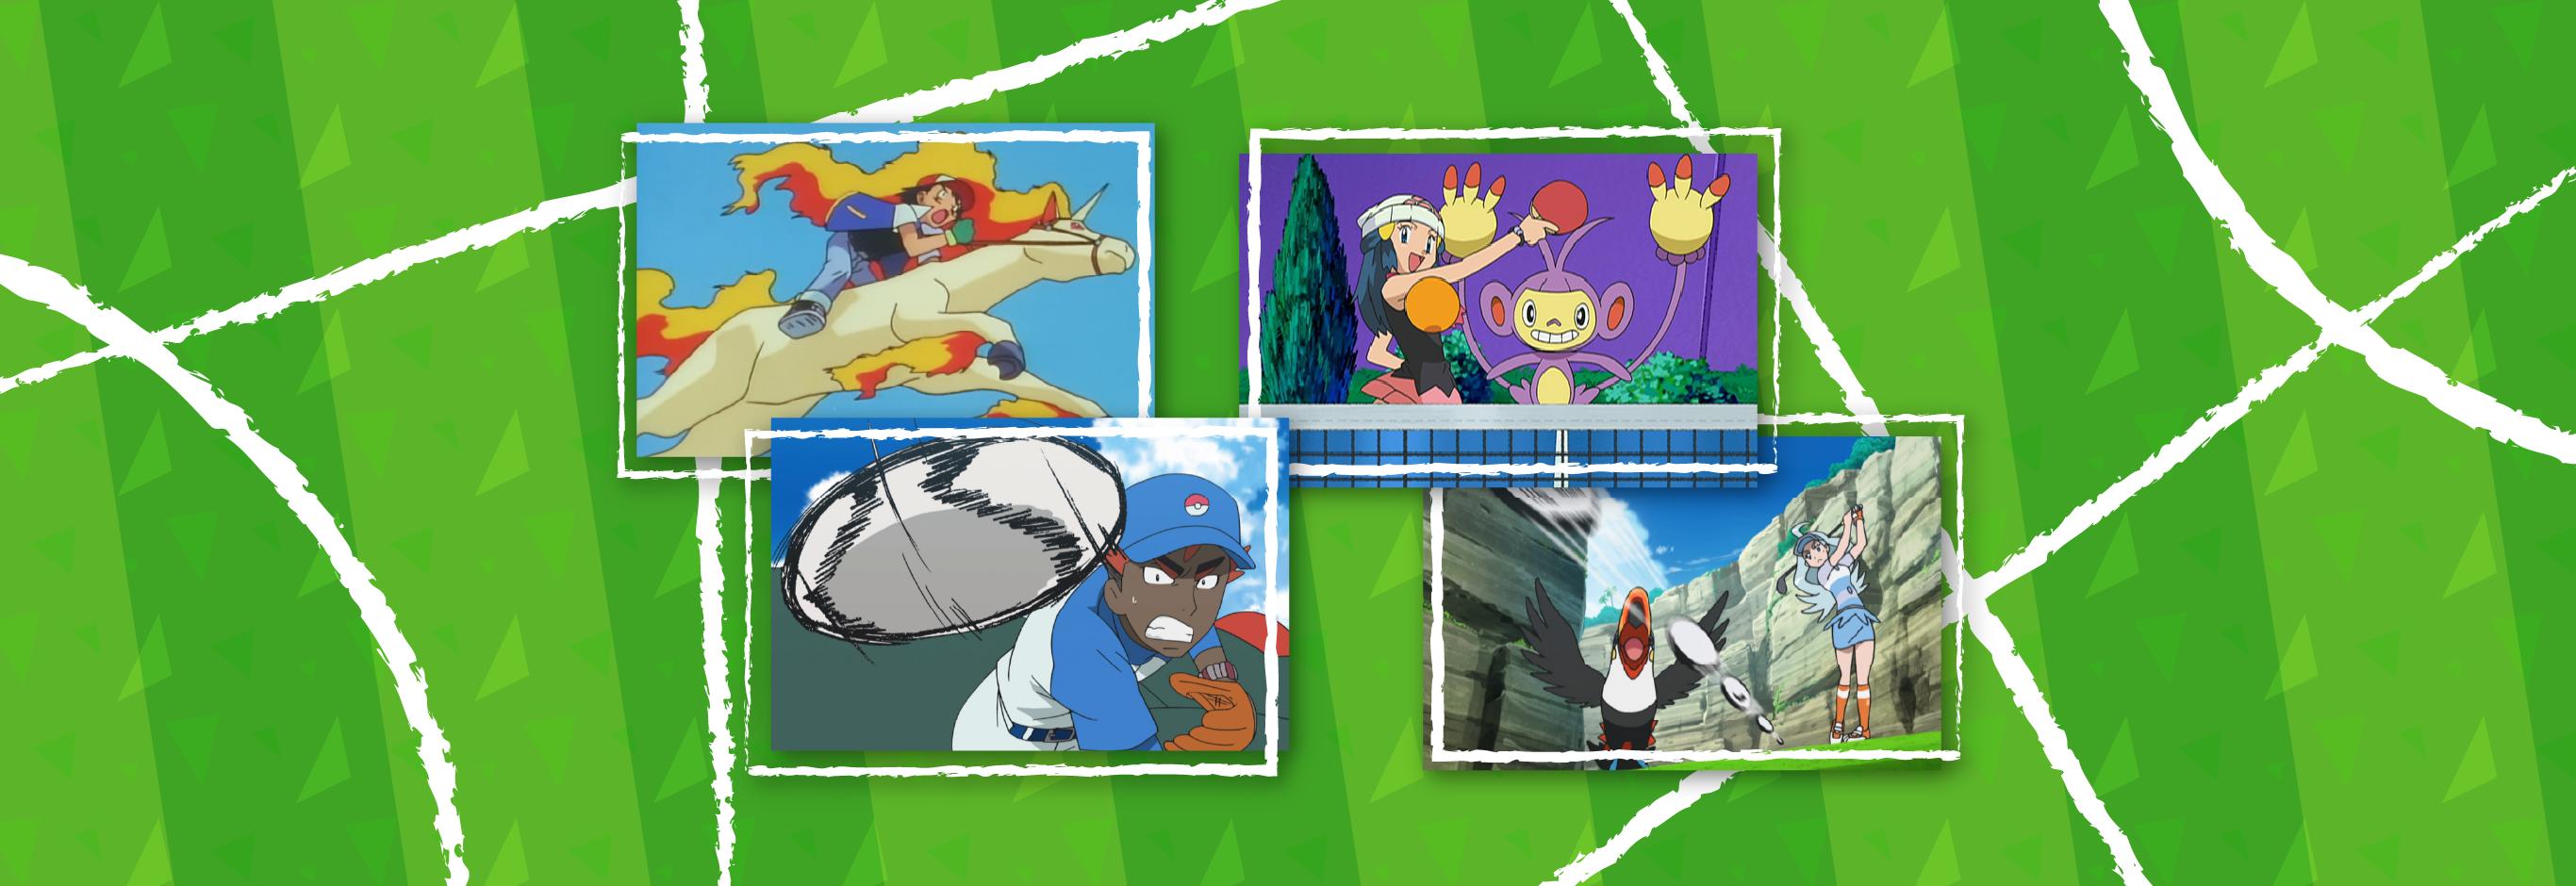 Juegos de Verano 2021 TV Pokémon